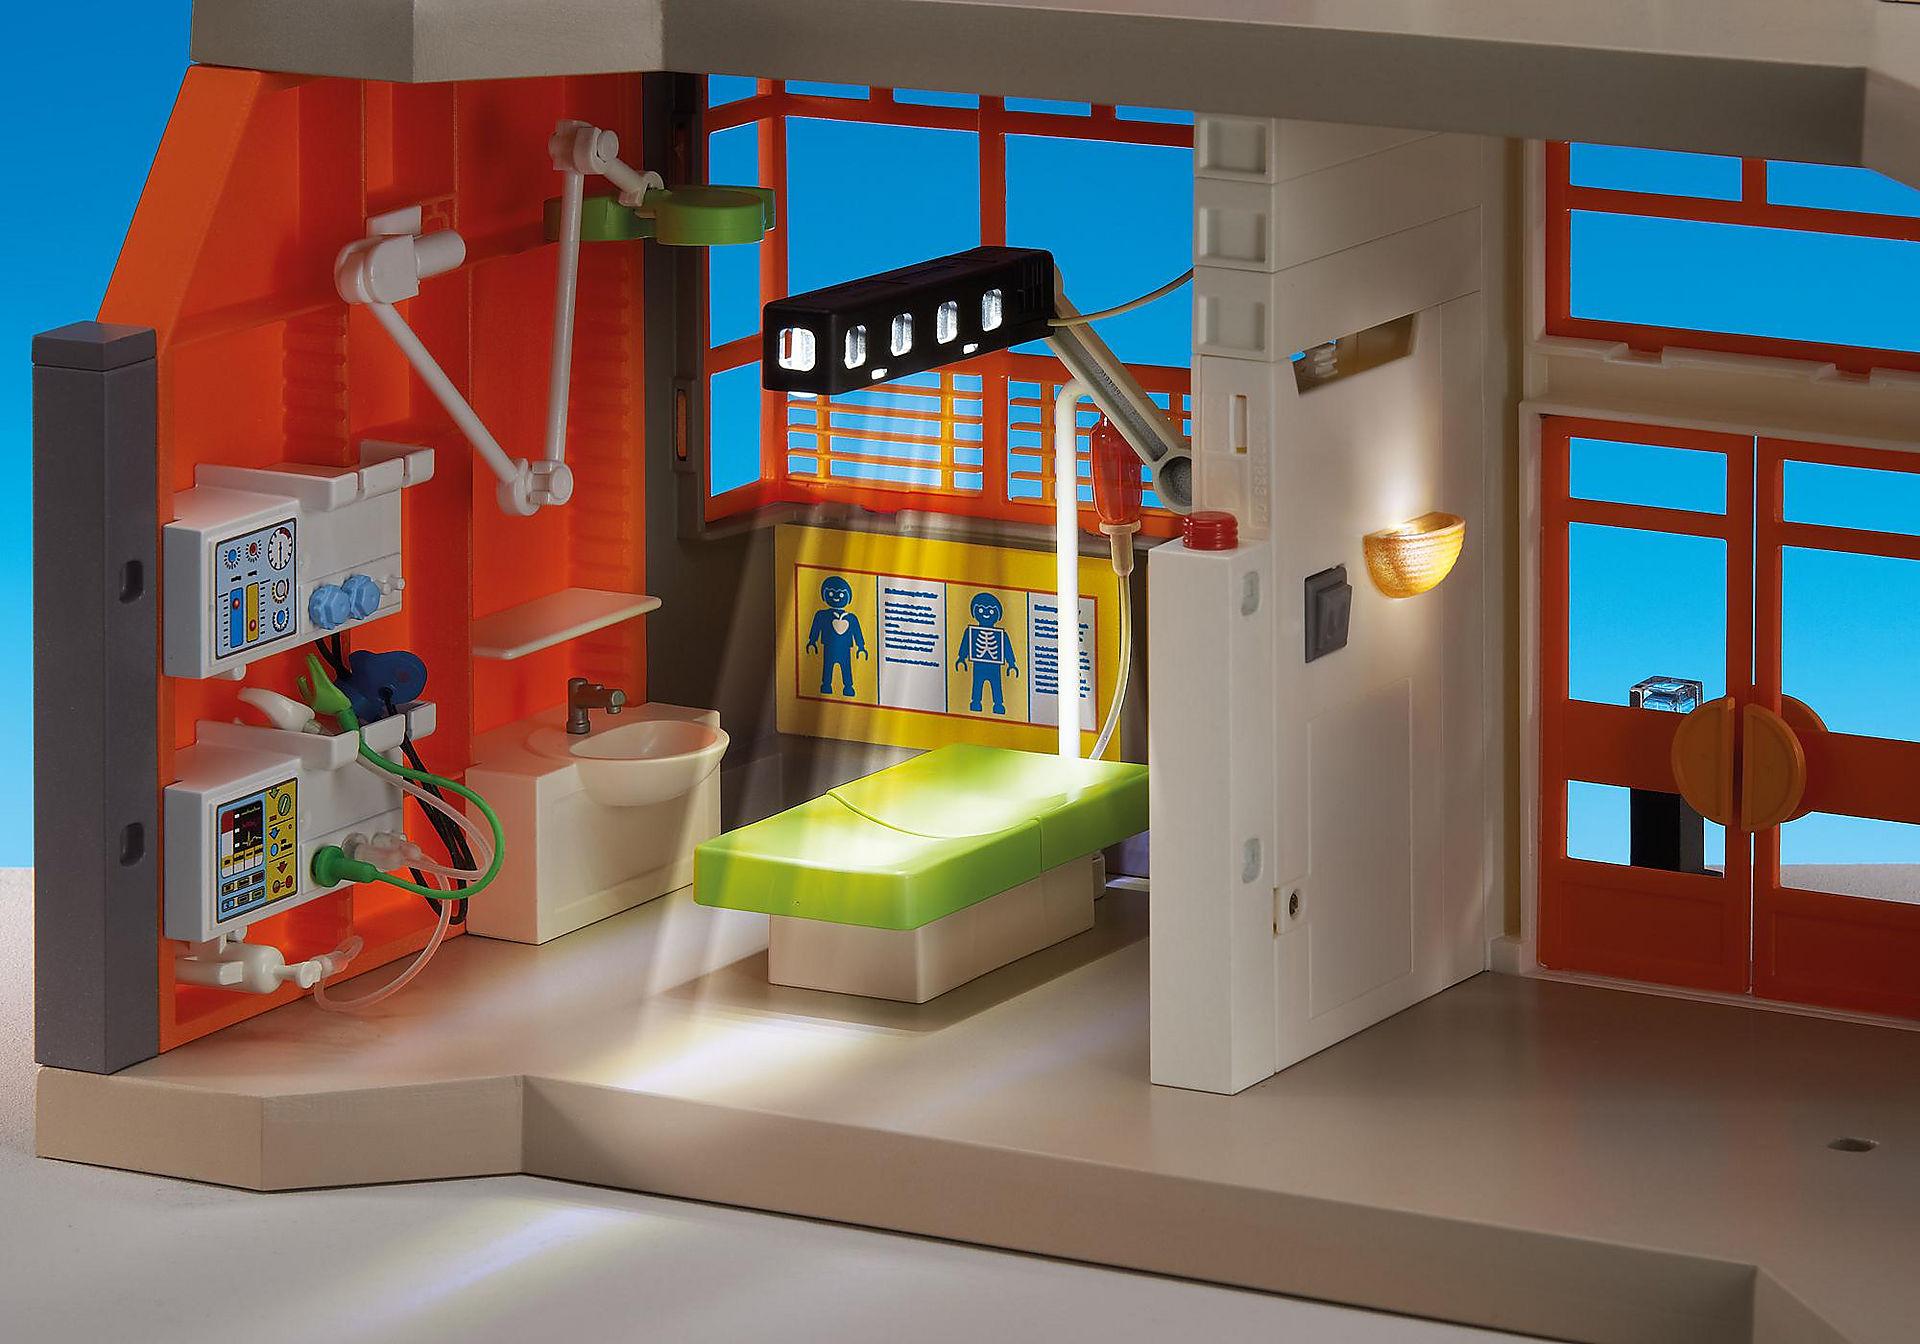 6446 Light Set for Furnished Children's Hospital (6657) zoom image2